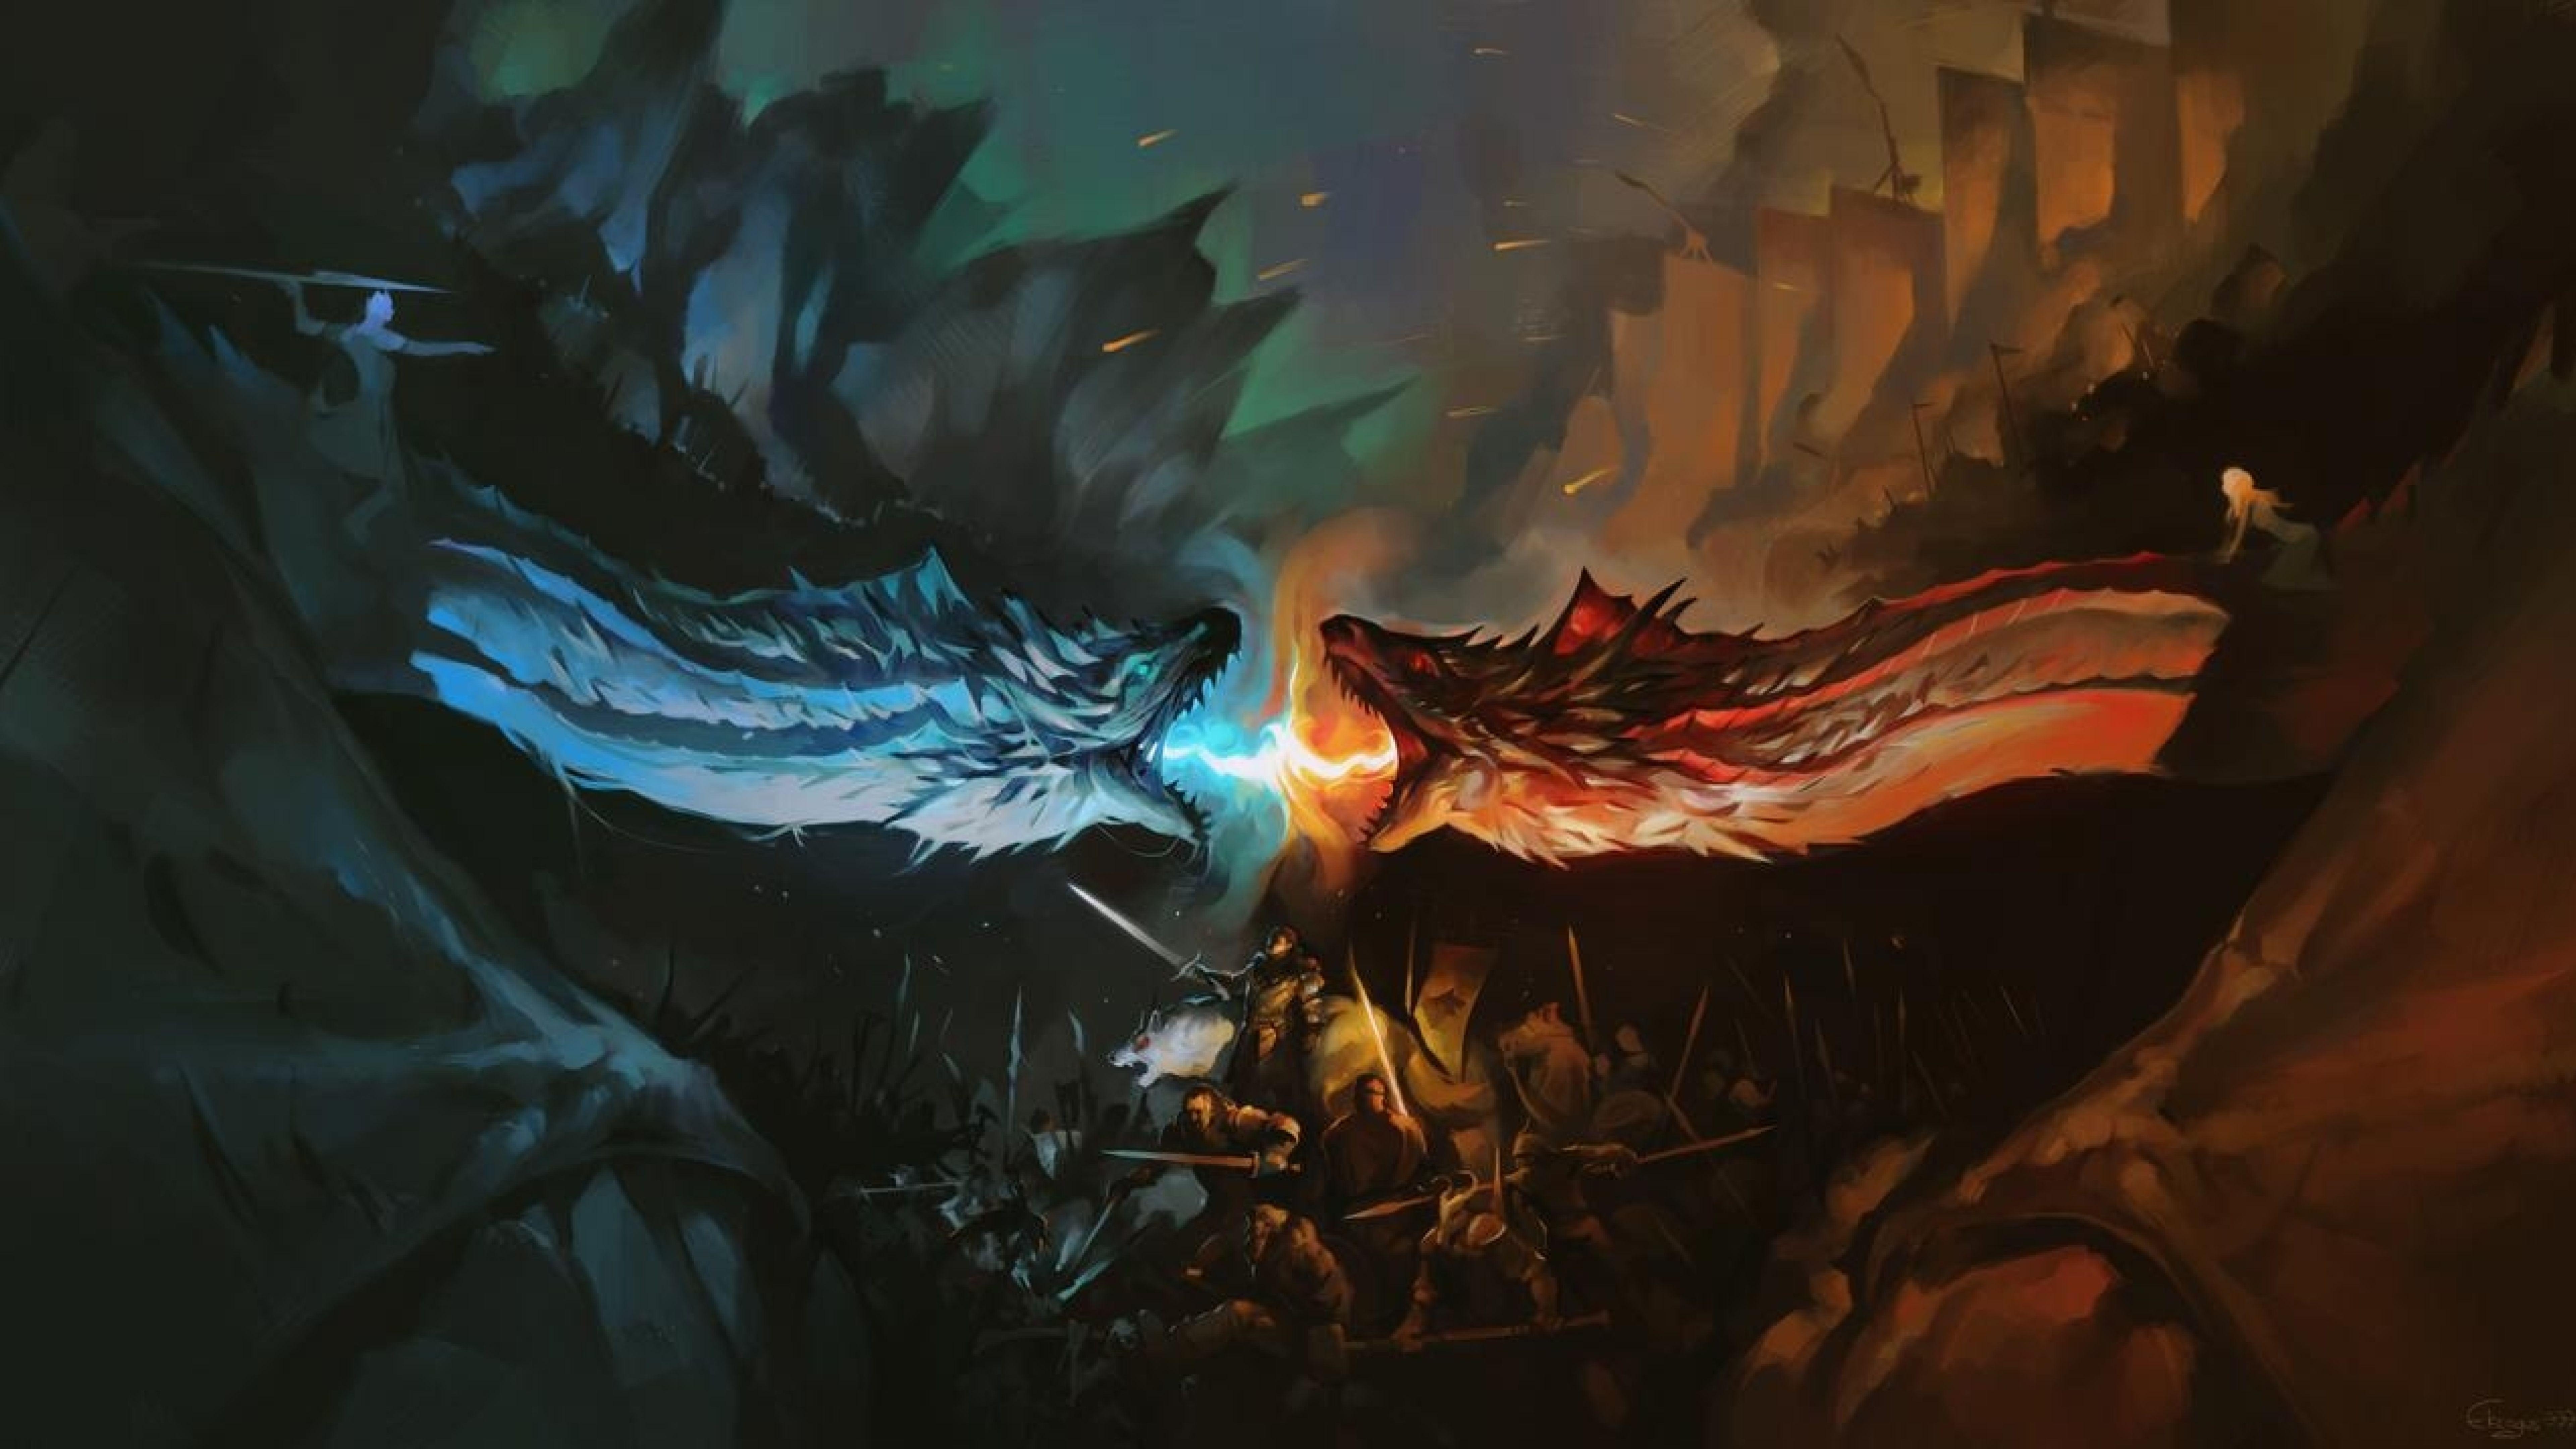 Xperia Z2 Vs Note 3 Dragon Battle Fire Vs ...